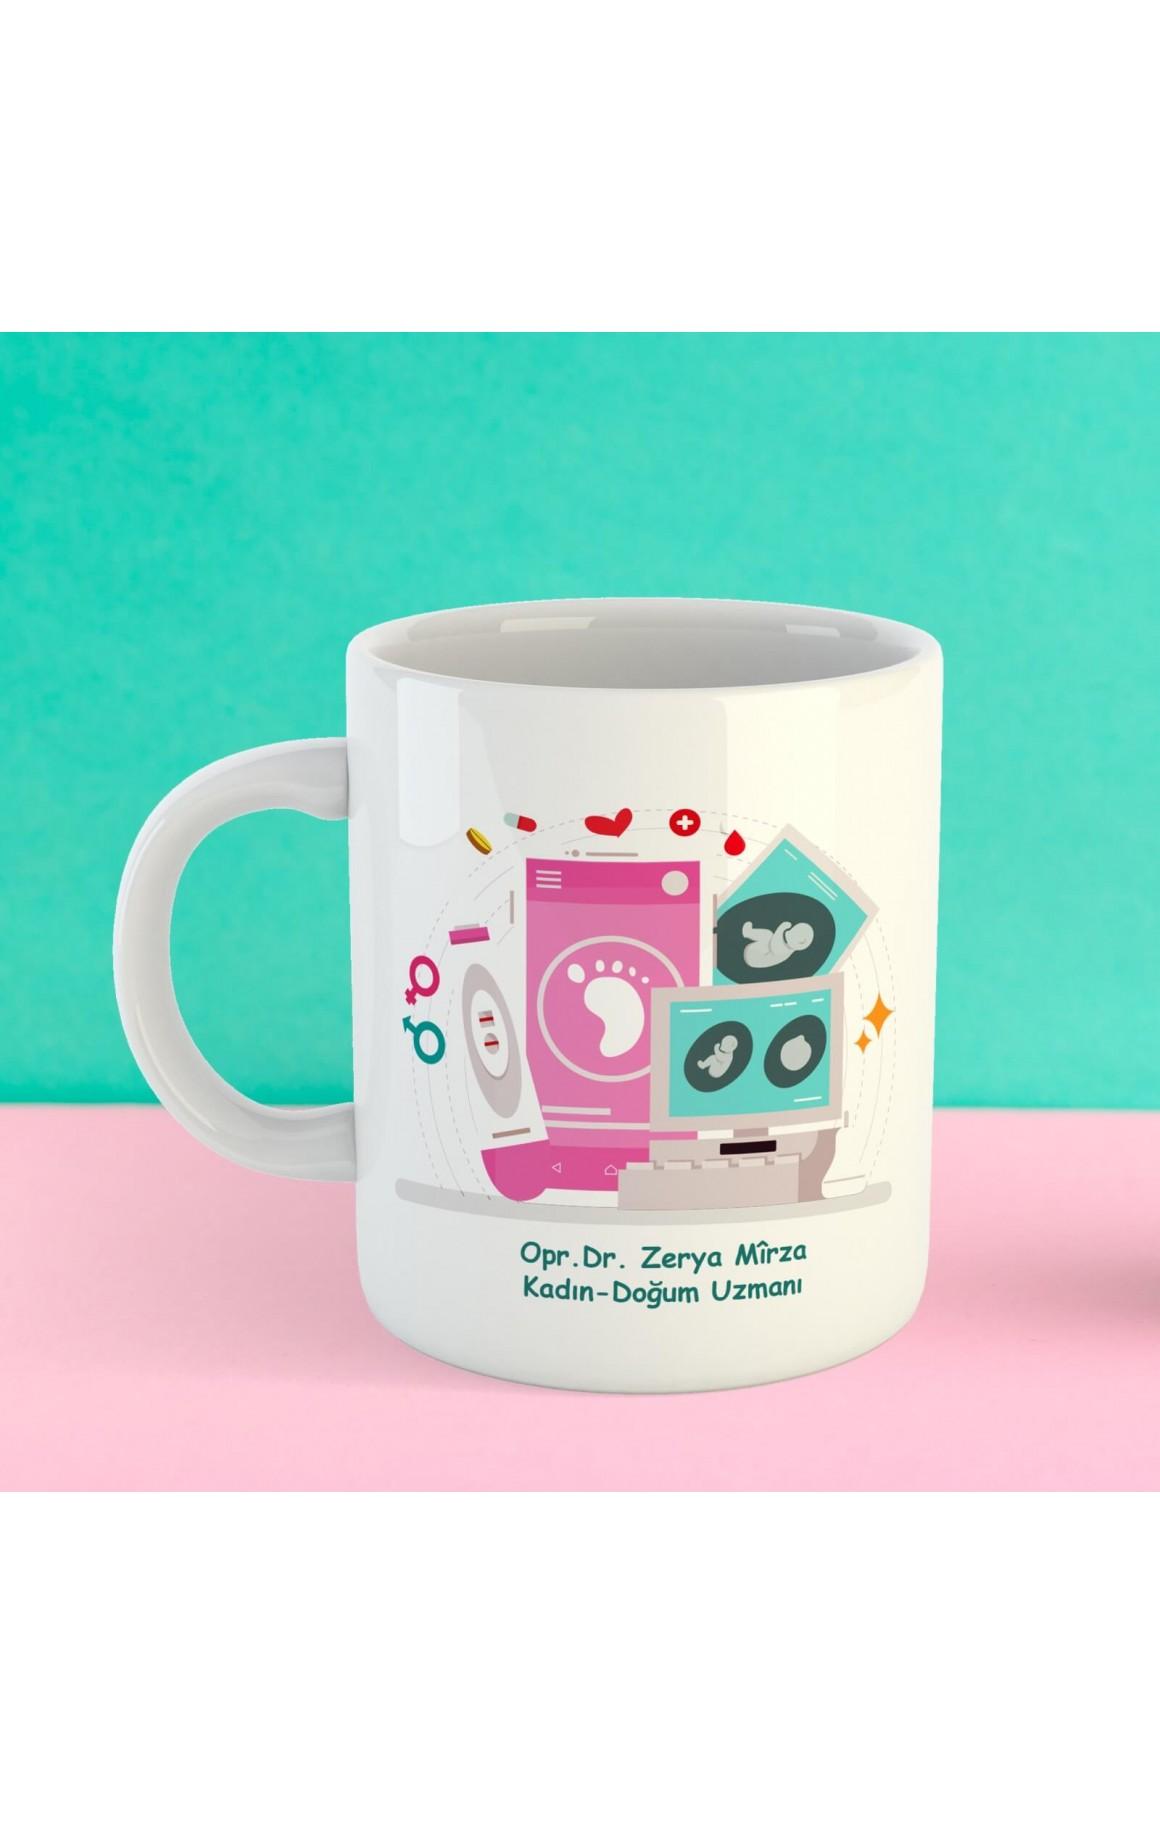 Doktorlara Özel İsimli Porselen Kupa - Kadın Doğum Uzmanı